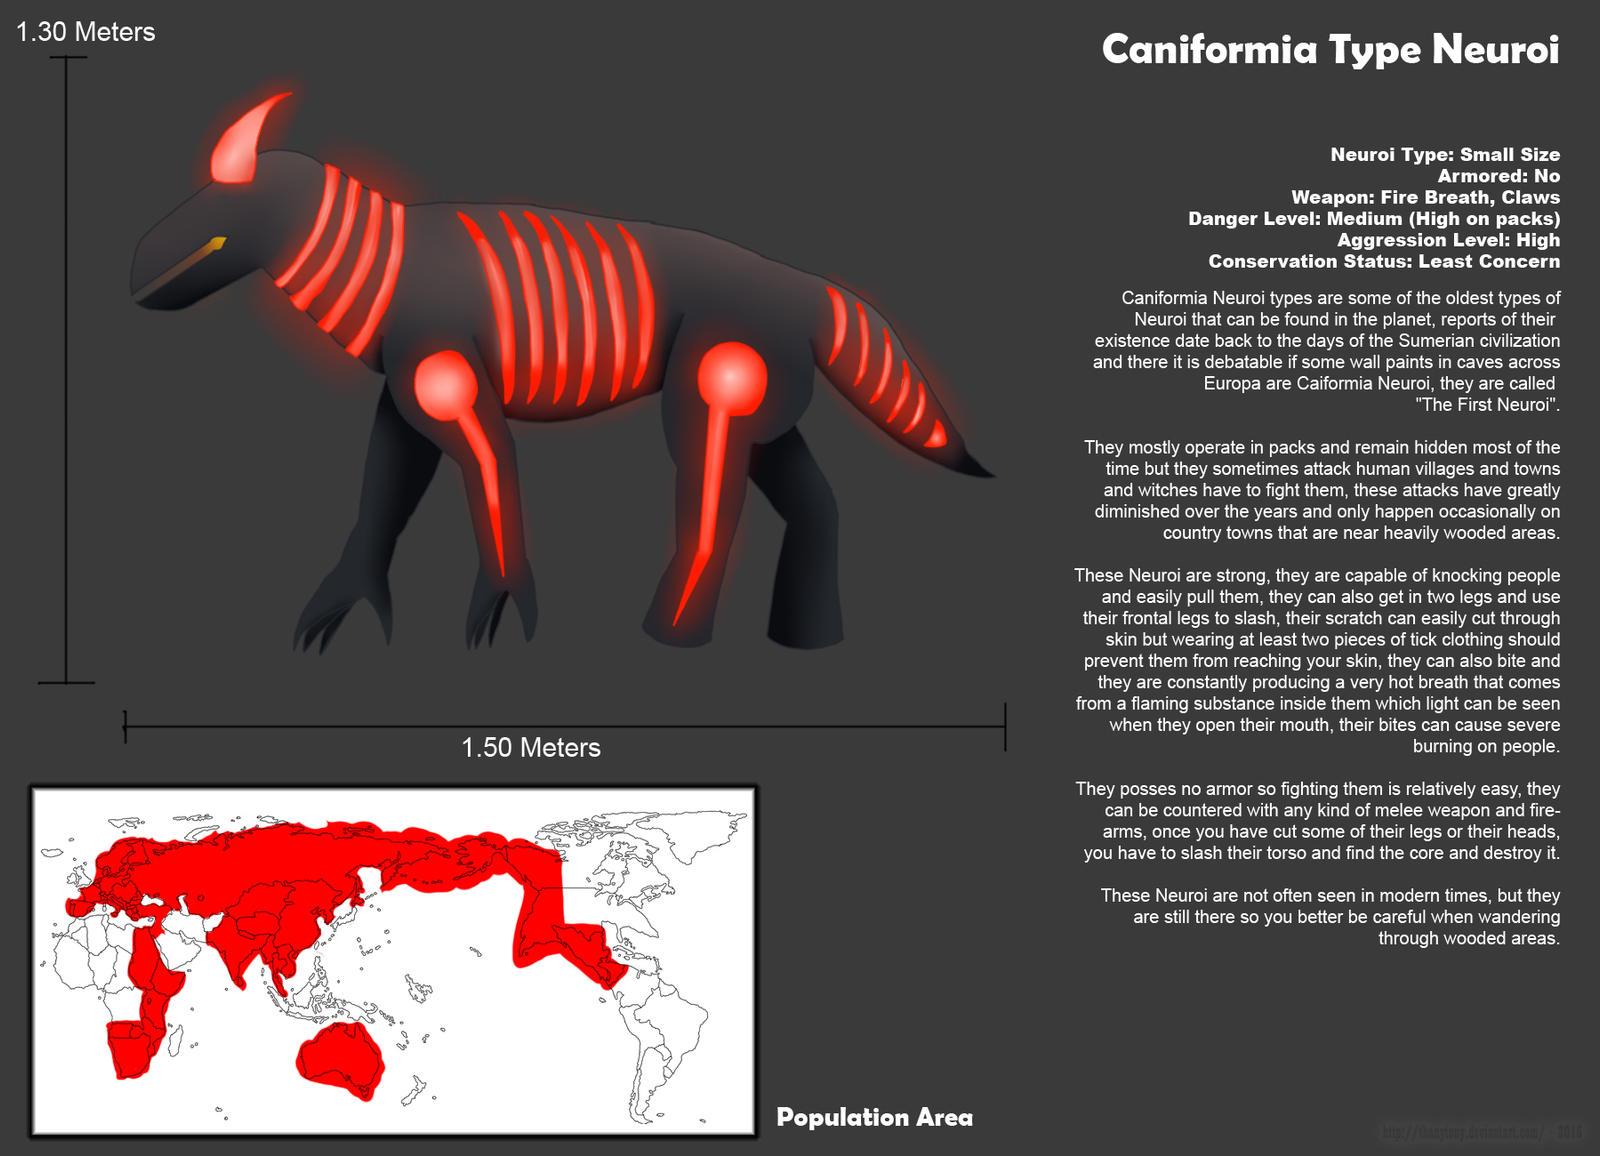 SW: Caniformia Neuroi by ThanyTony